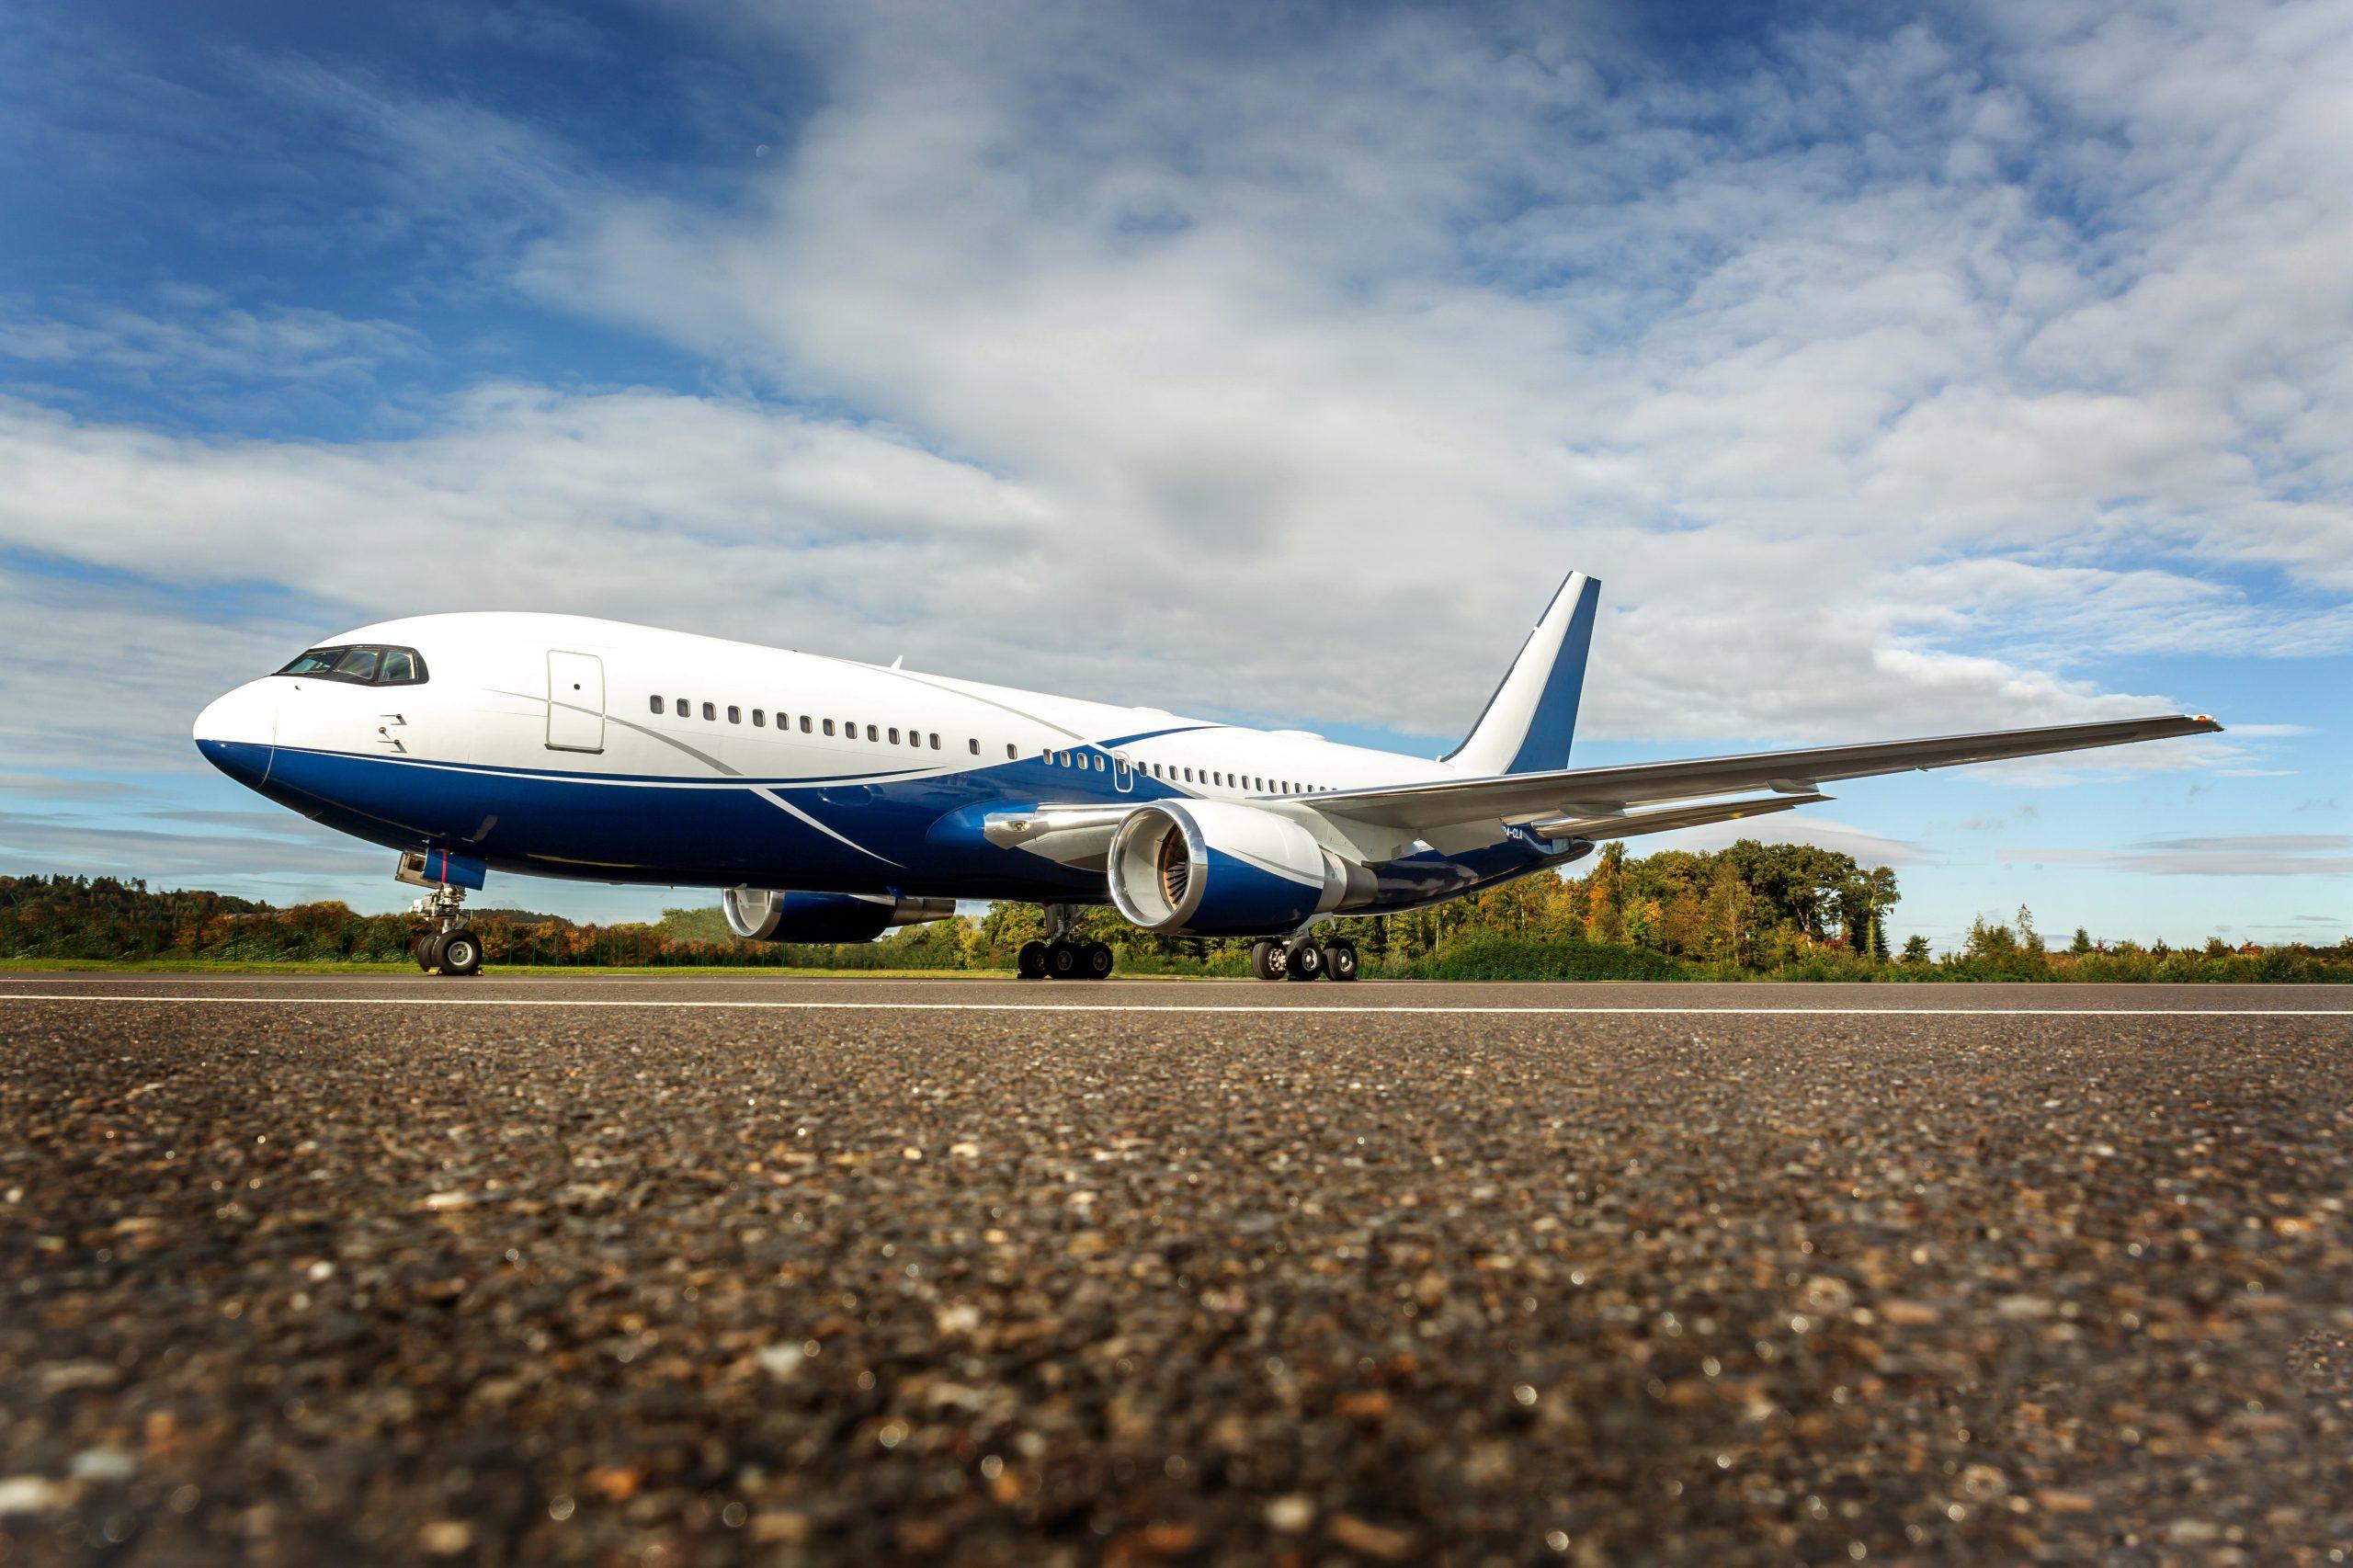 Boeing BBJ 767-200ER photo